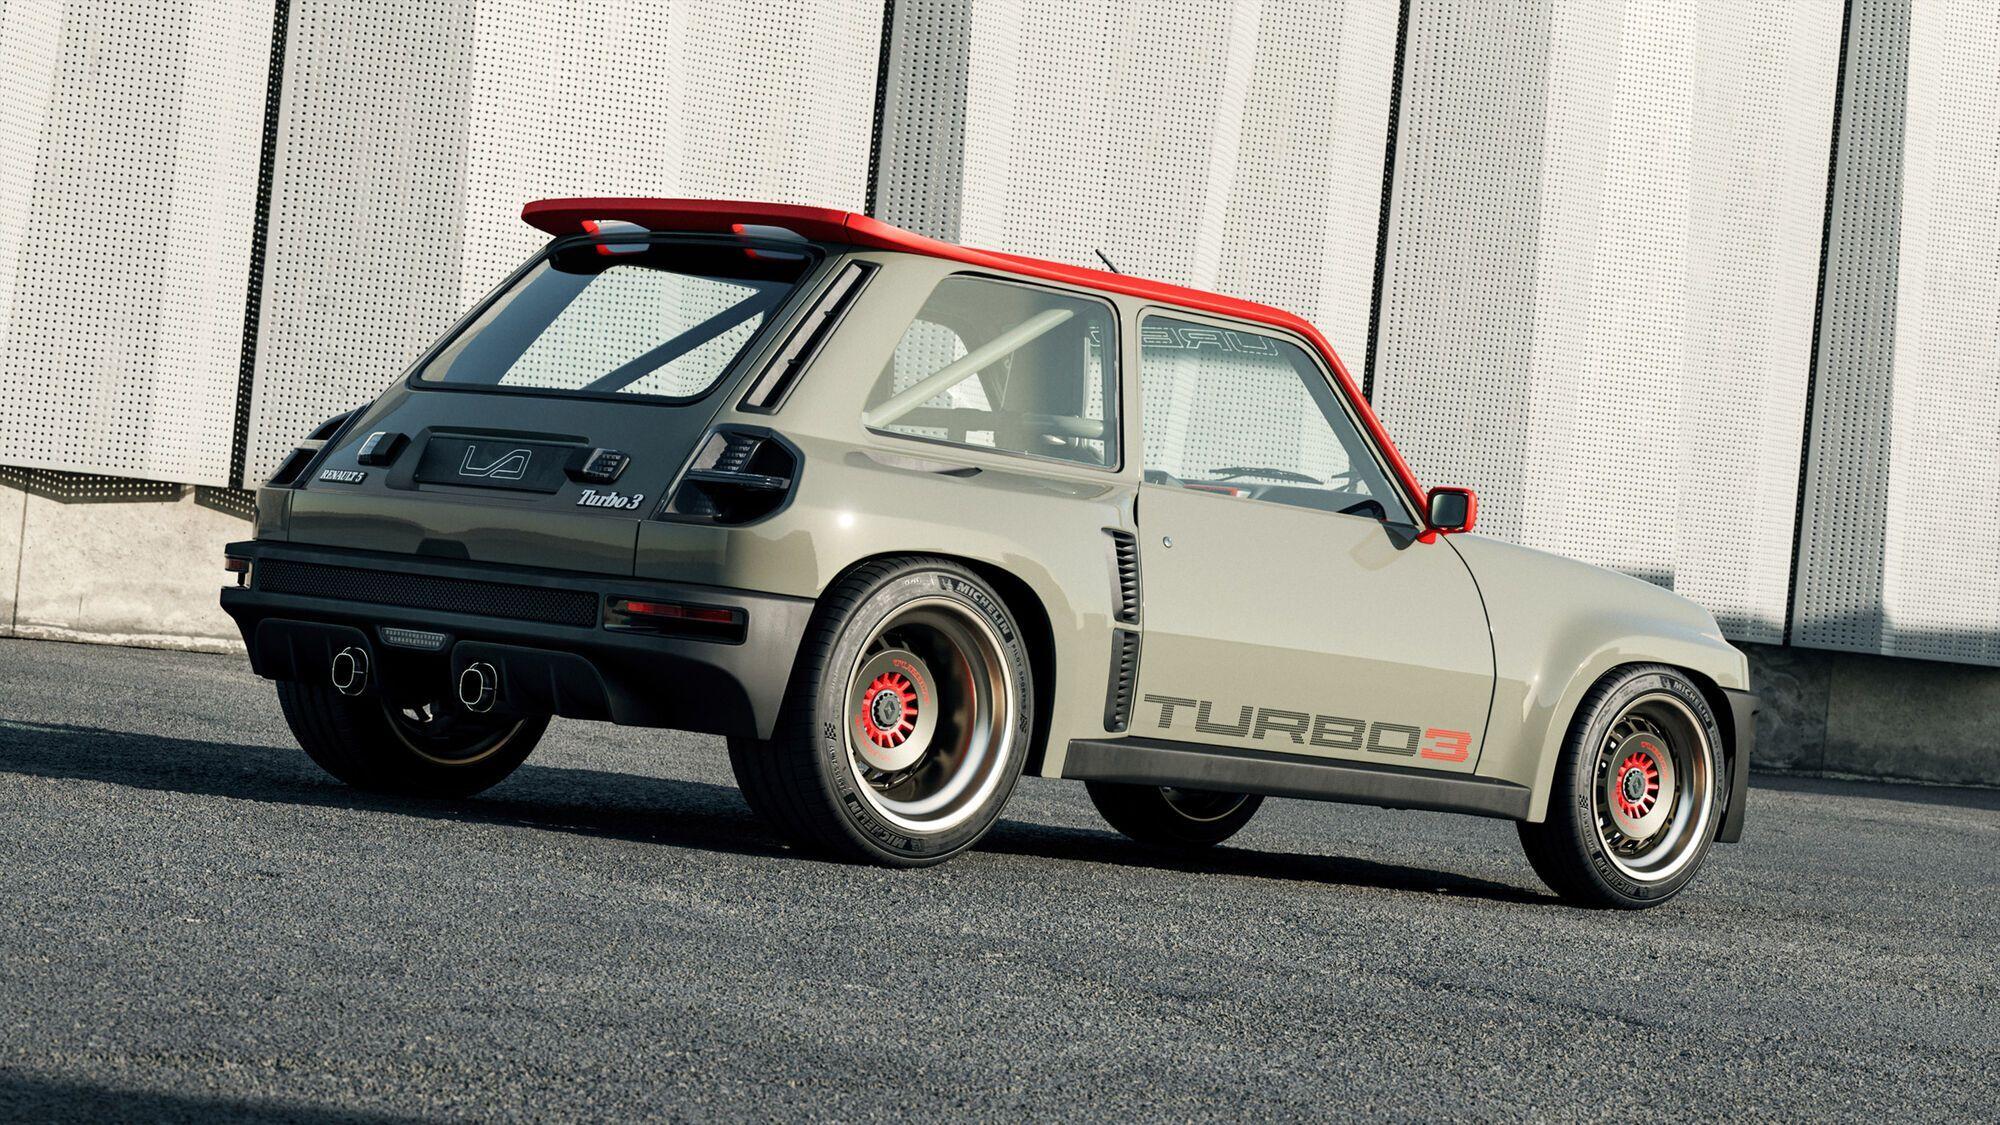 За основу взяли обычный Renault 5, кузов которого расширили по образу и подобию версии 5 Turbo